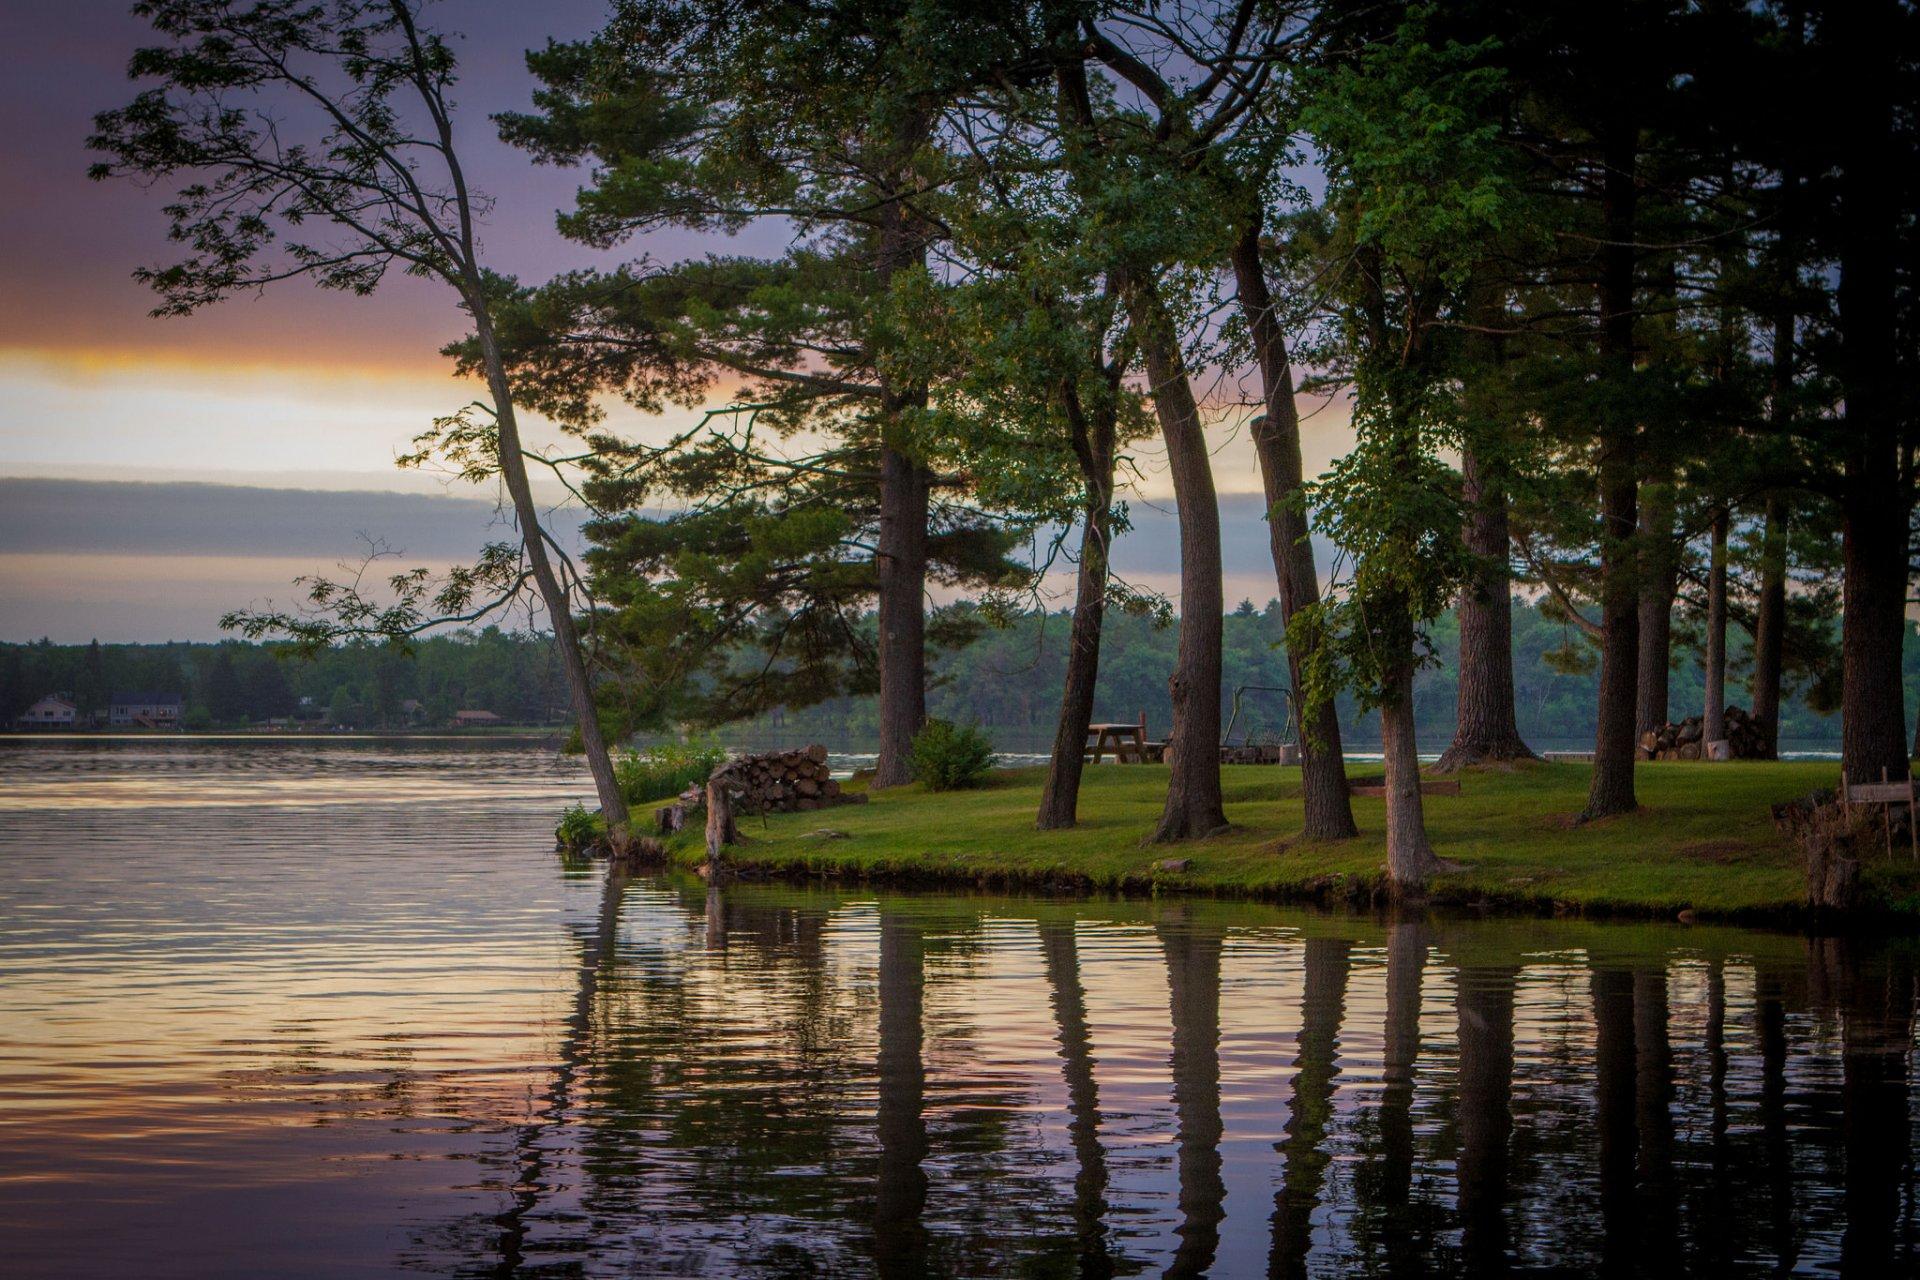 степаненко сосны на берегу озера картинки единственная мире технология